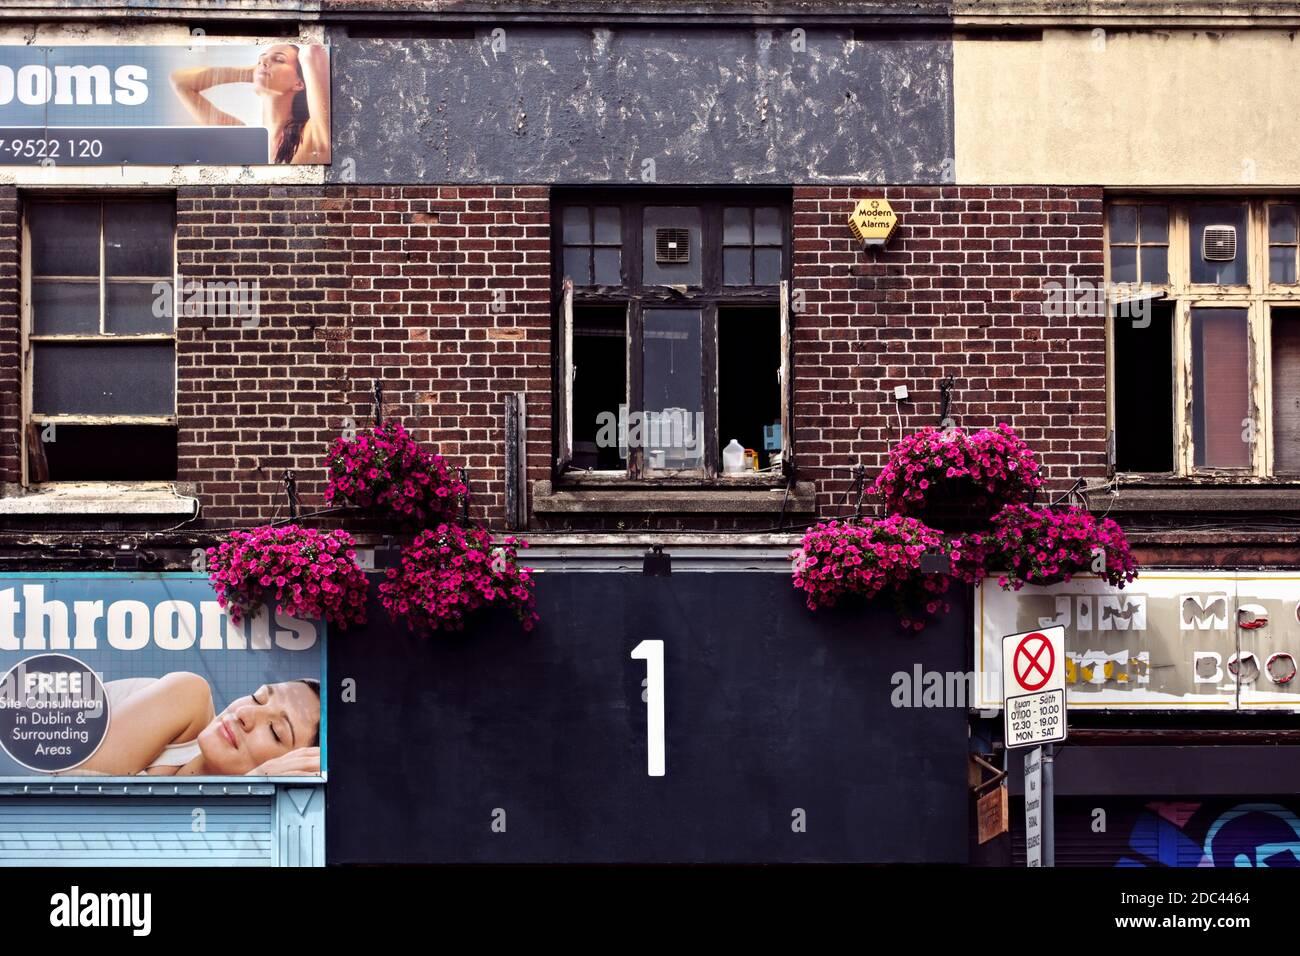 Gigante, audaz, grande, número uno 1, carteles publicitarios en la fachada de un edificio de ladrillo, primer plano. Dublín, República de Irlanda, Europa, Unión Europea, UE Foto de stock